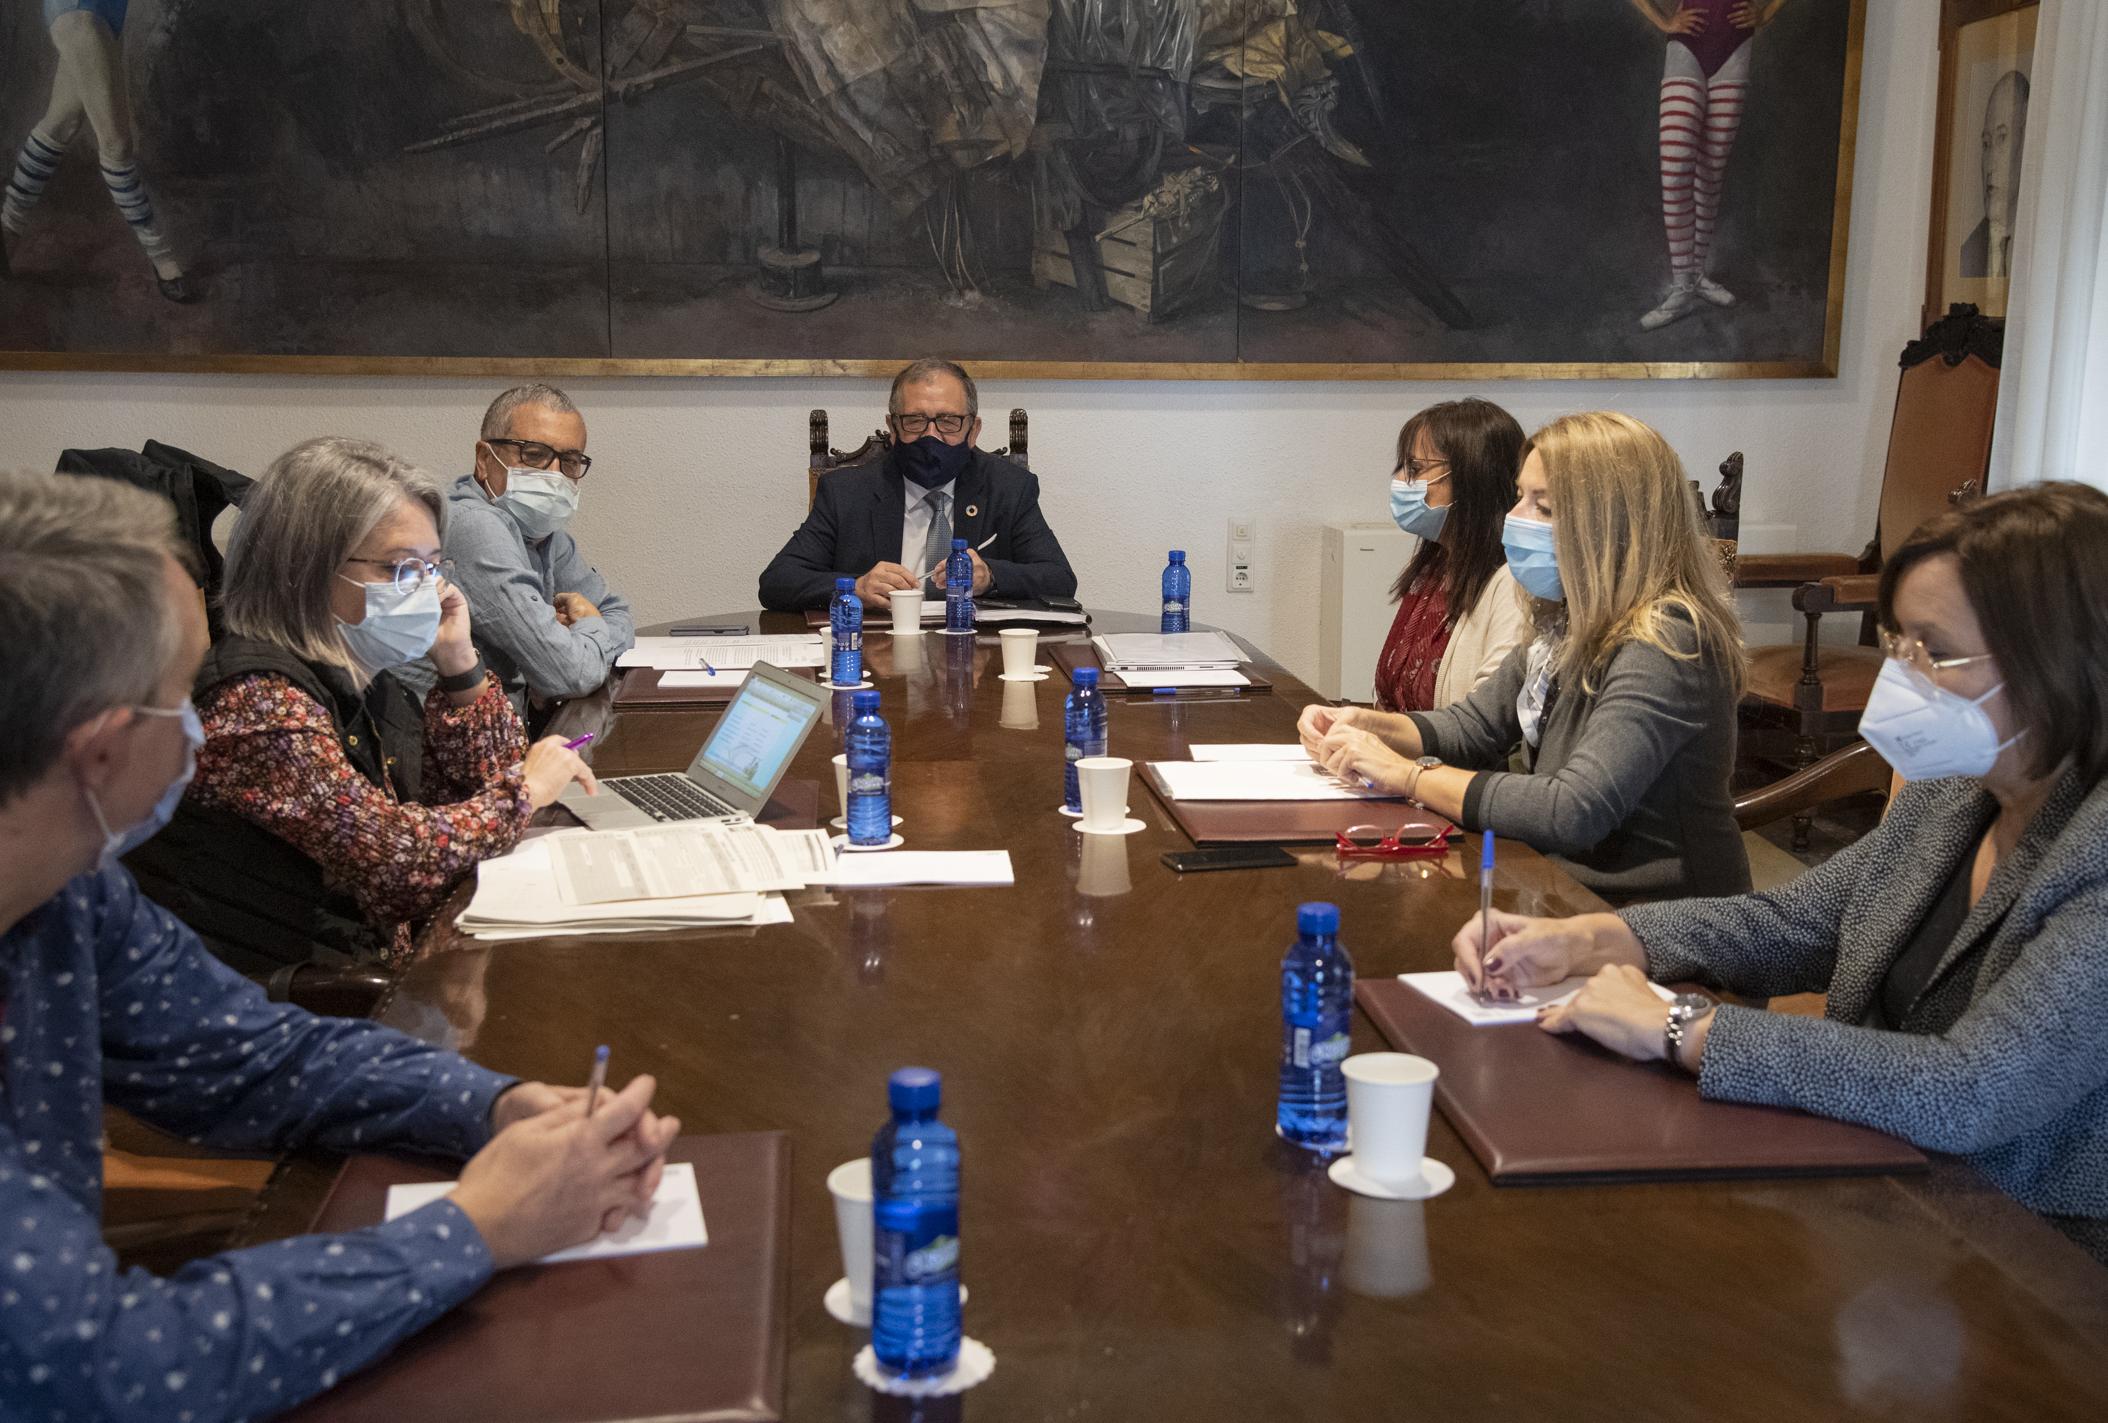 La Diputación de Castellón y la Generalitat activan un plan de choque para reducir las listas de espera en la provincia de Castellón